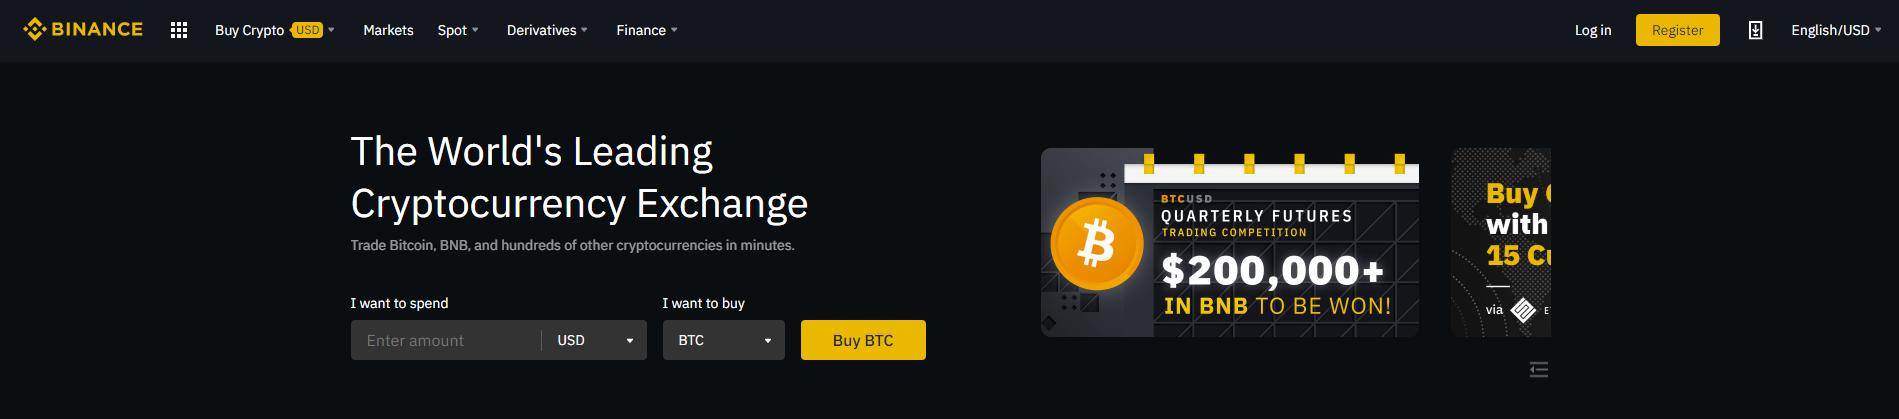 Binance - home page